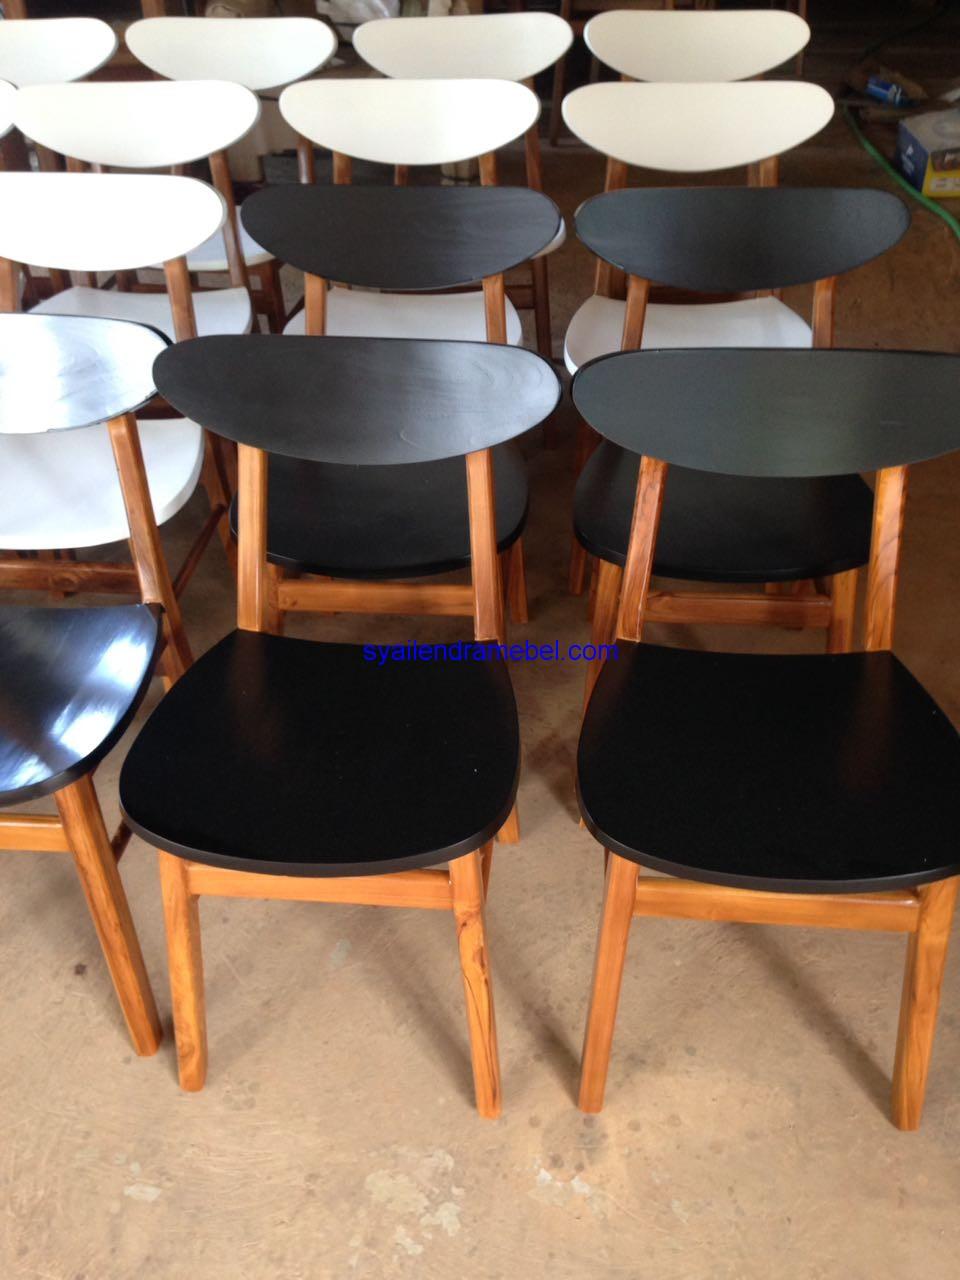 Kursi Cafe Minimalis Syailendra,kursi bar,kursi bar kayu,kursi bar minimalis,kursi bar stool,gambar kursi bar,set kursi cafe,kursi tiffany, set meja kursi cafe,jual kursi set cafe,harga set kursi cafe,kursi cafe,kursi cafe kayu,furniture kursi cafe,gambar kursi cafe,kursi meja cafe,kursi makan, meja kursi makan,meja makan,set kursi makan,meja makan minimalis,meja kursi makan terbaru,mebel jepara,furniture jepara,kursi cafe minimalis,